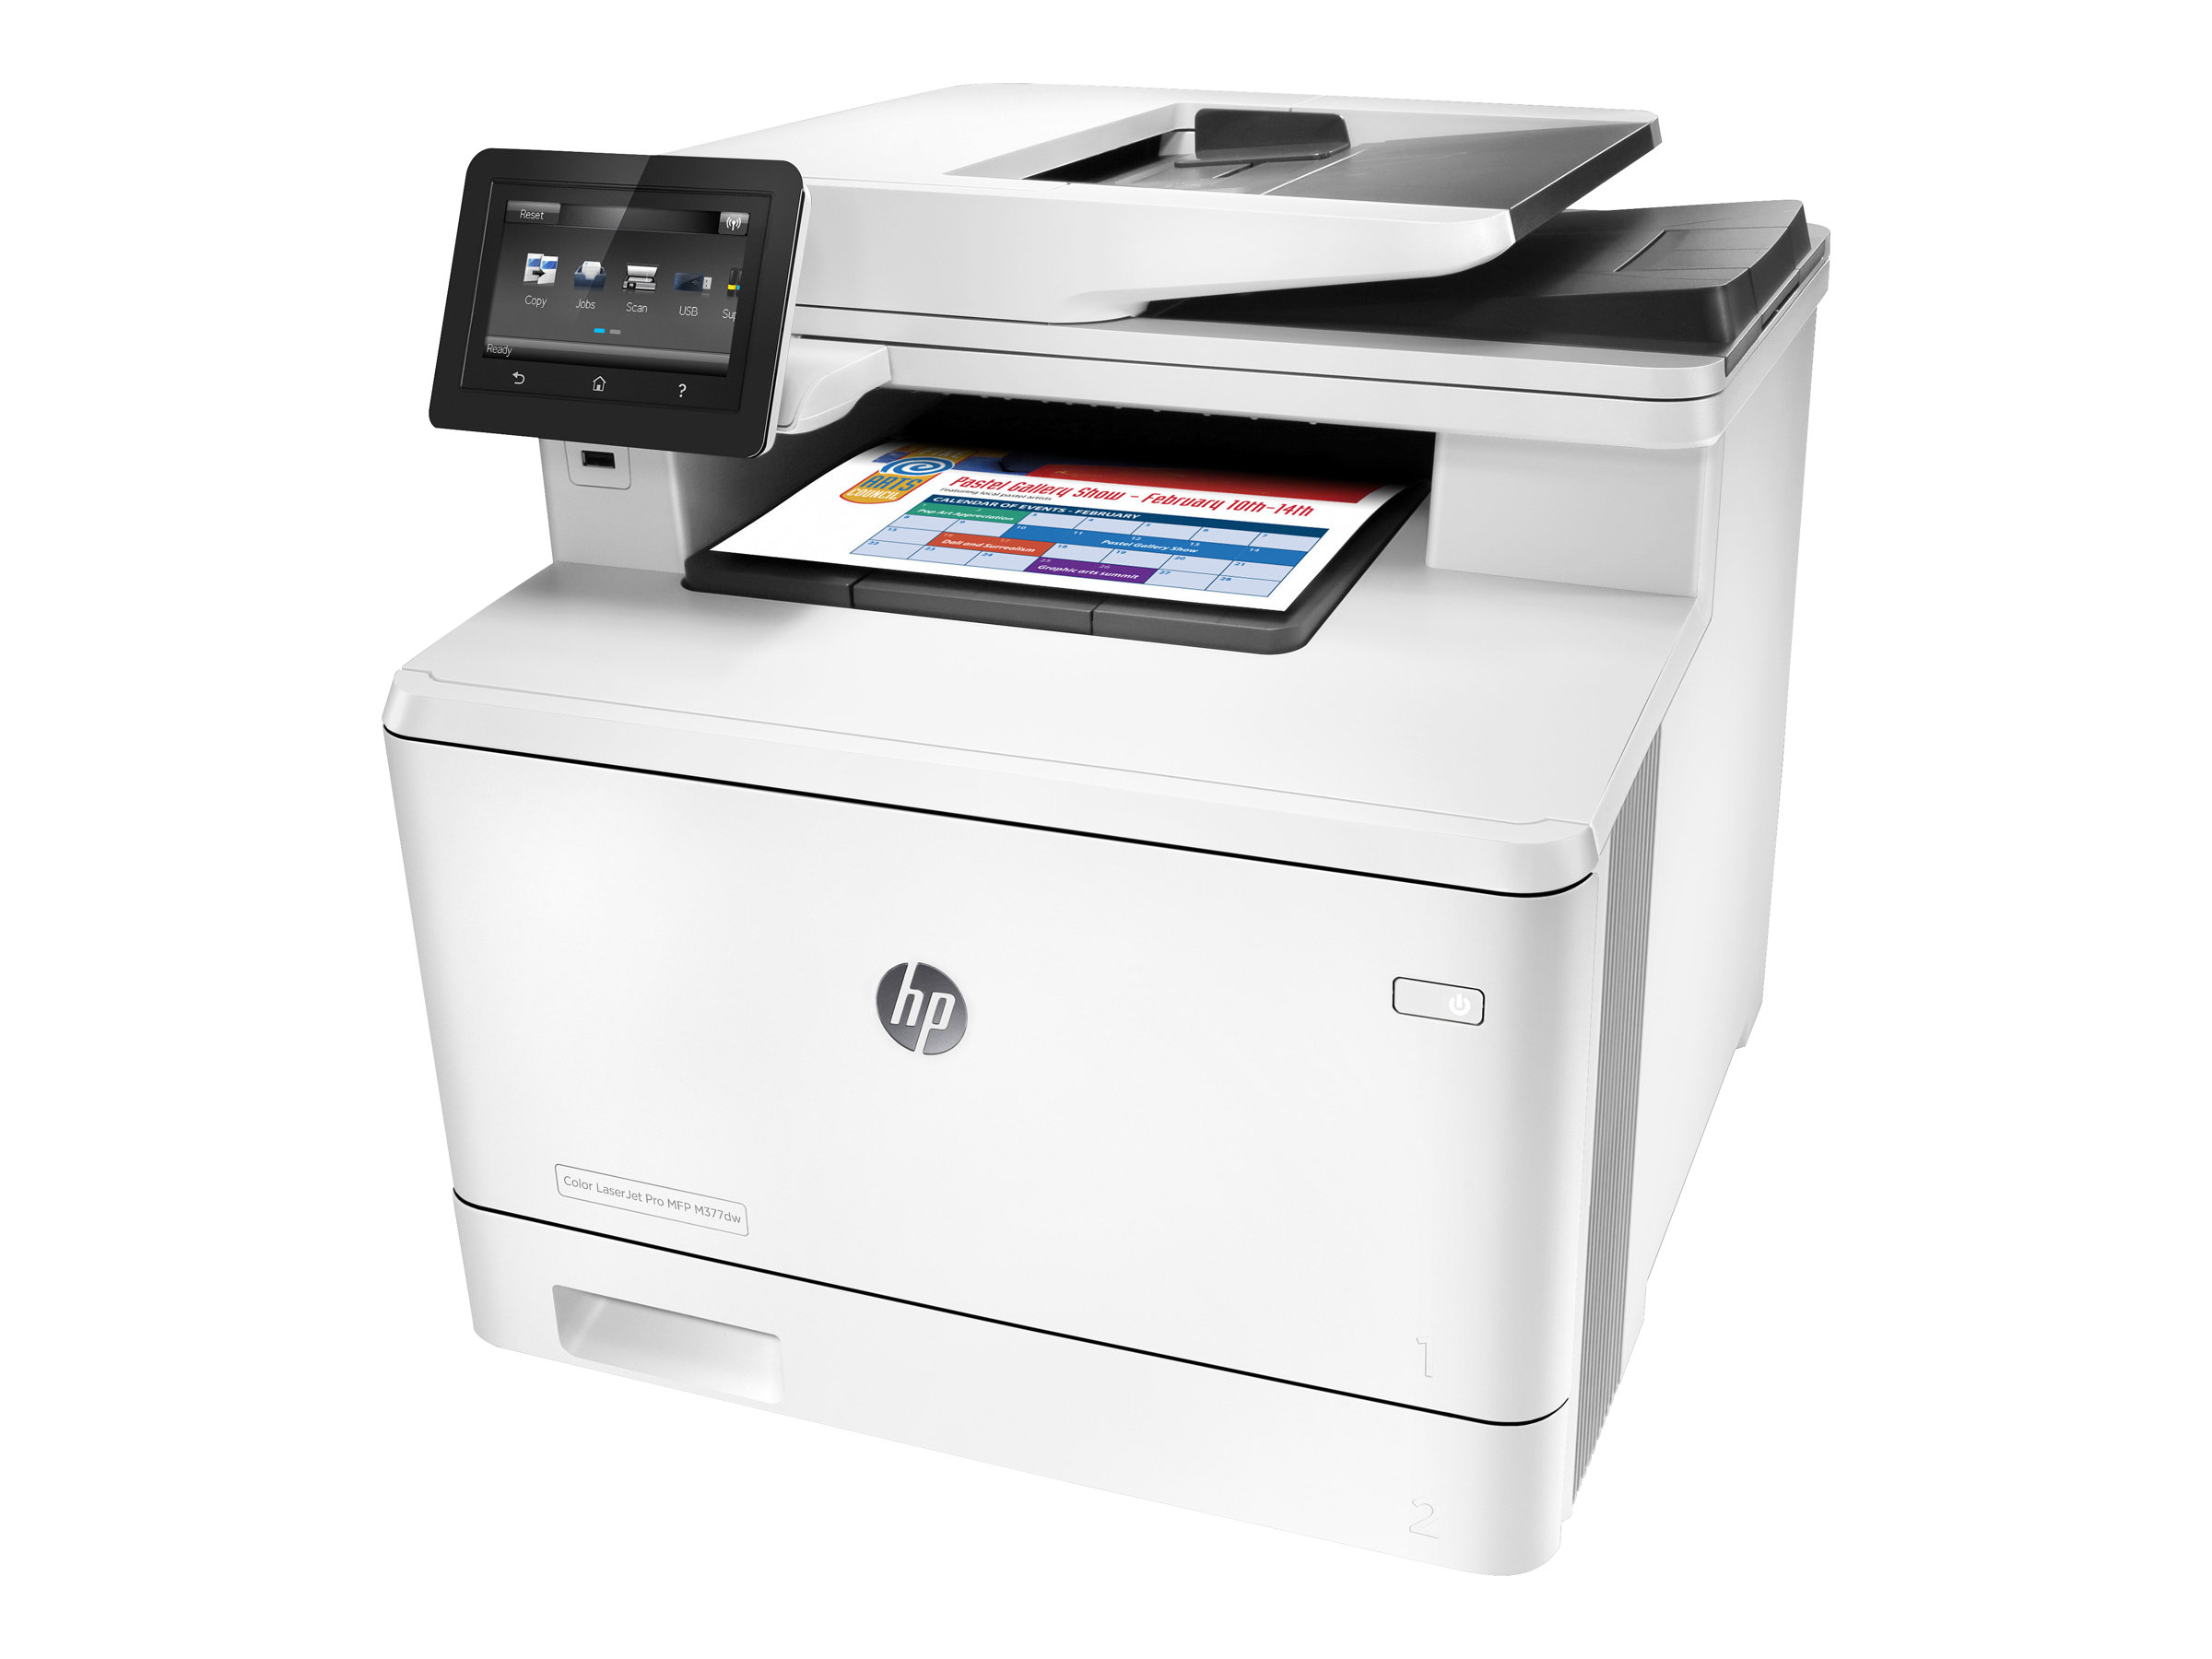 HP Color LaserJet Pro MFP M377dw - Multifunktionsdrucker - Farbe - Laser - Legal (216 x 356 mm)